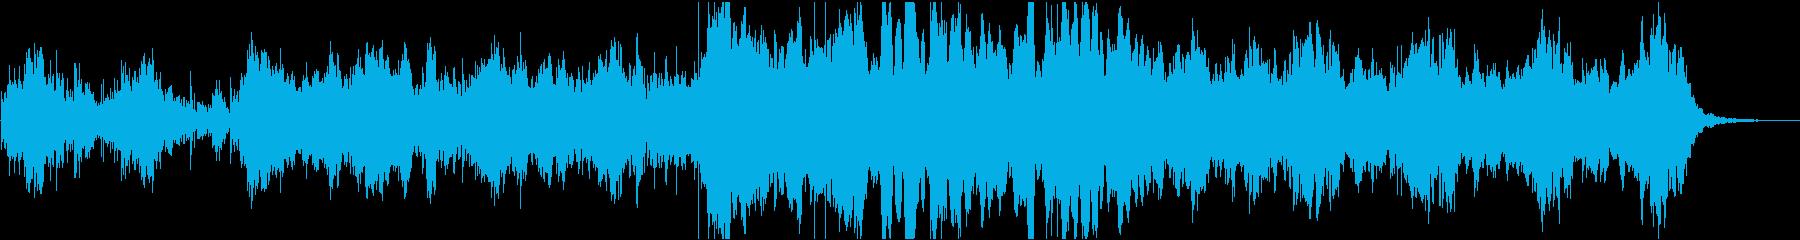 解説 説明 16bit48kHzVerの再生済みの波形